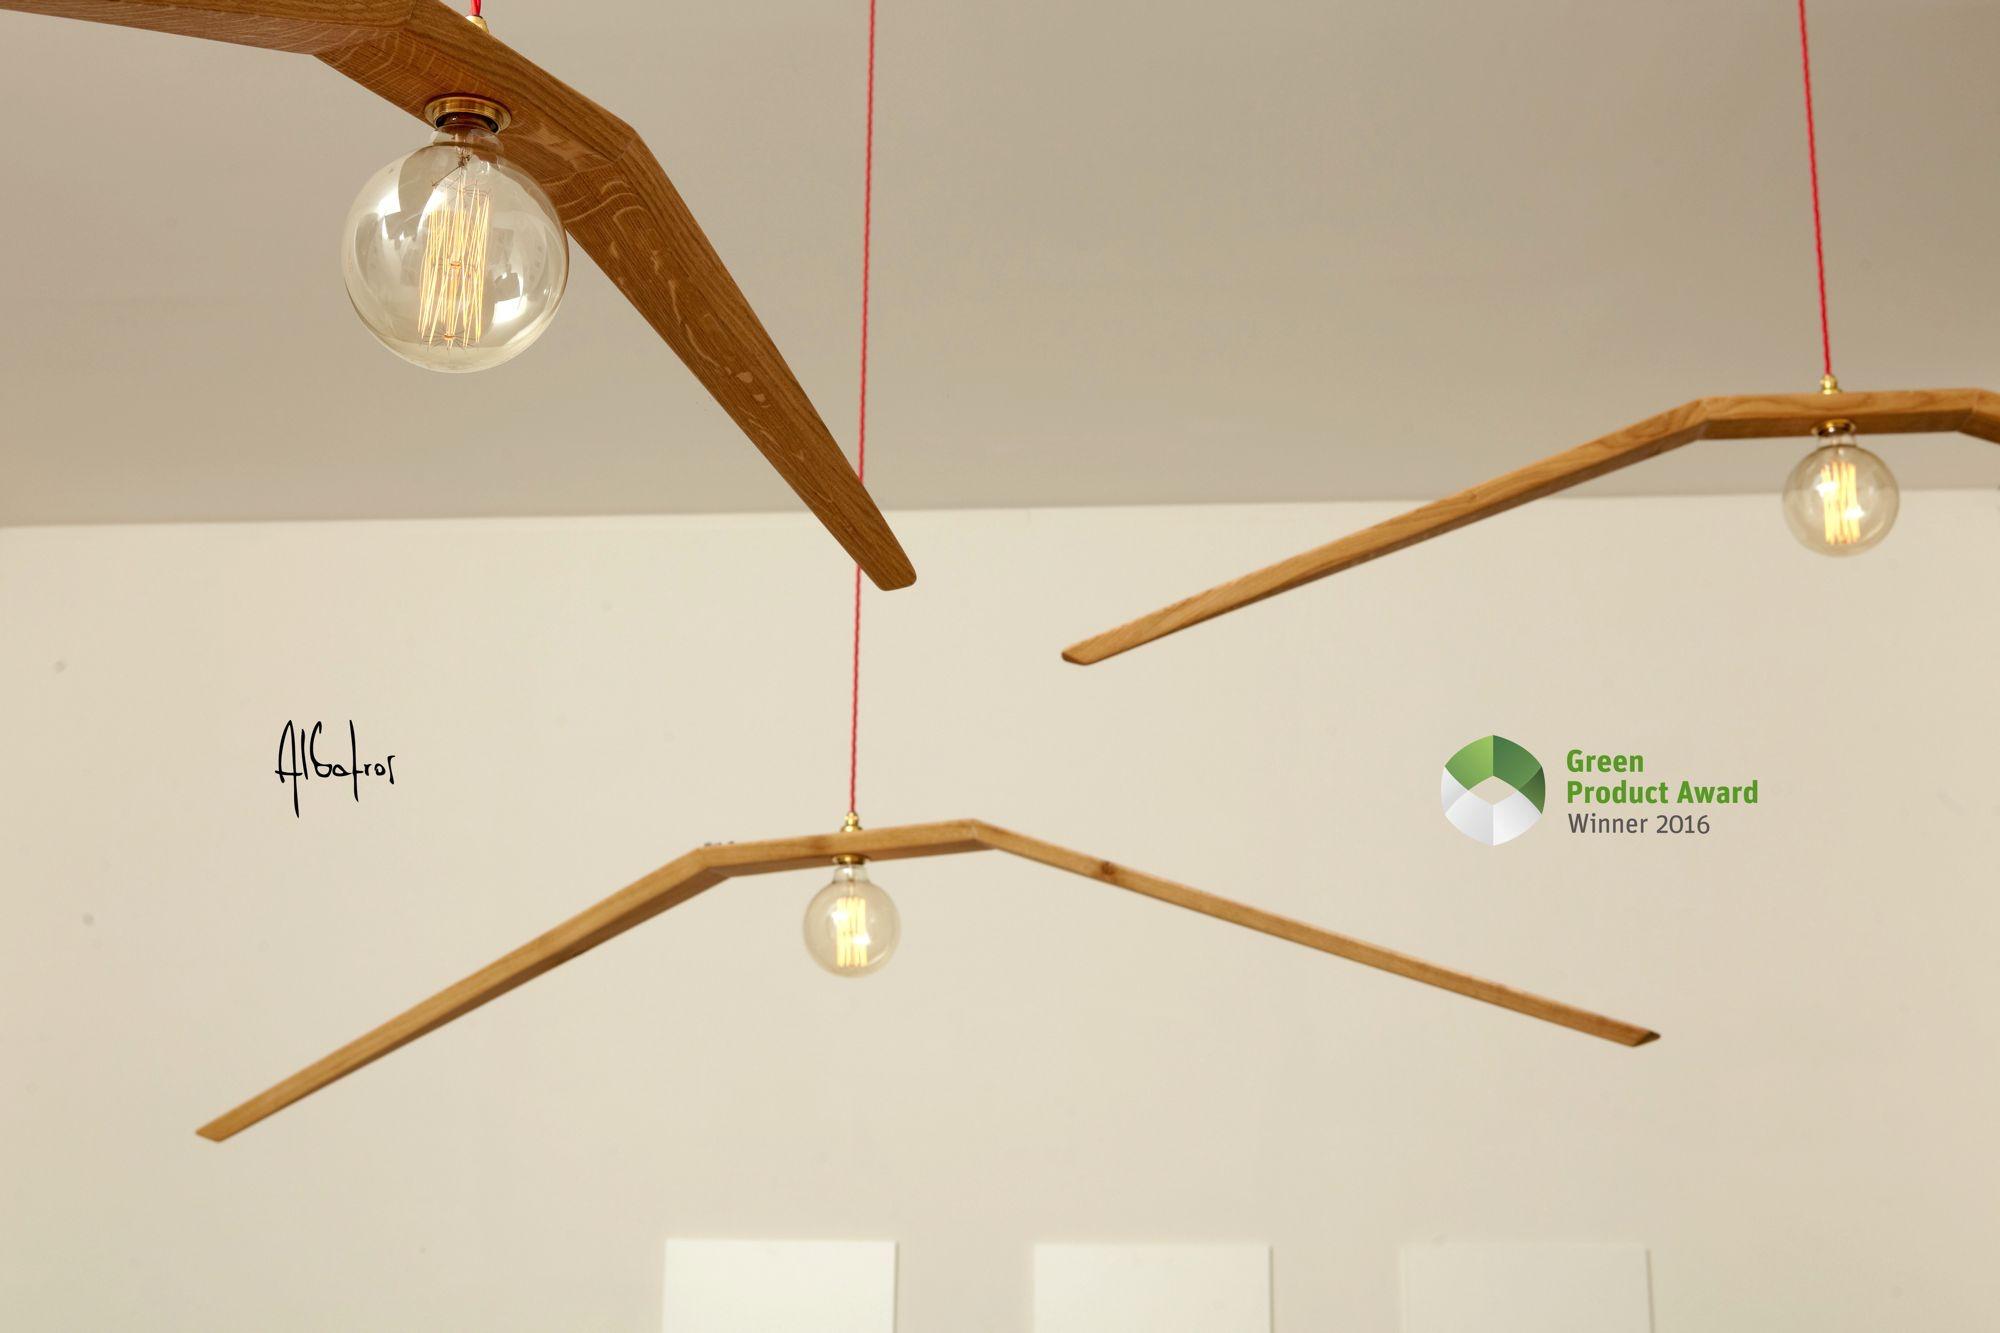 Abatross gewann einen Green Product Award. (Foto: Verschnitt)